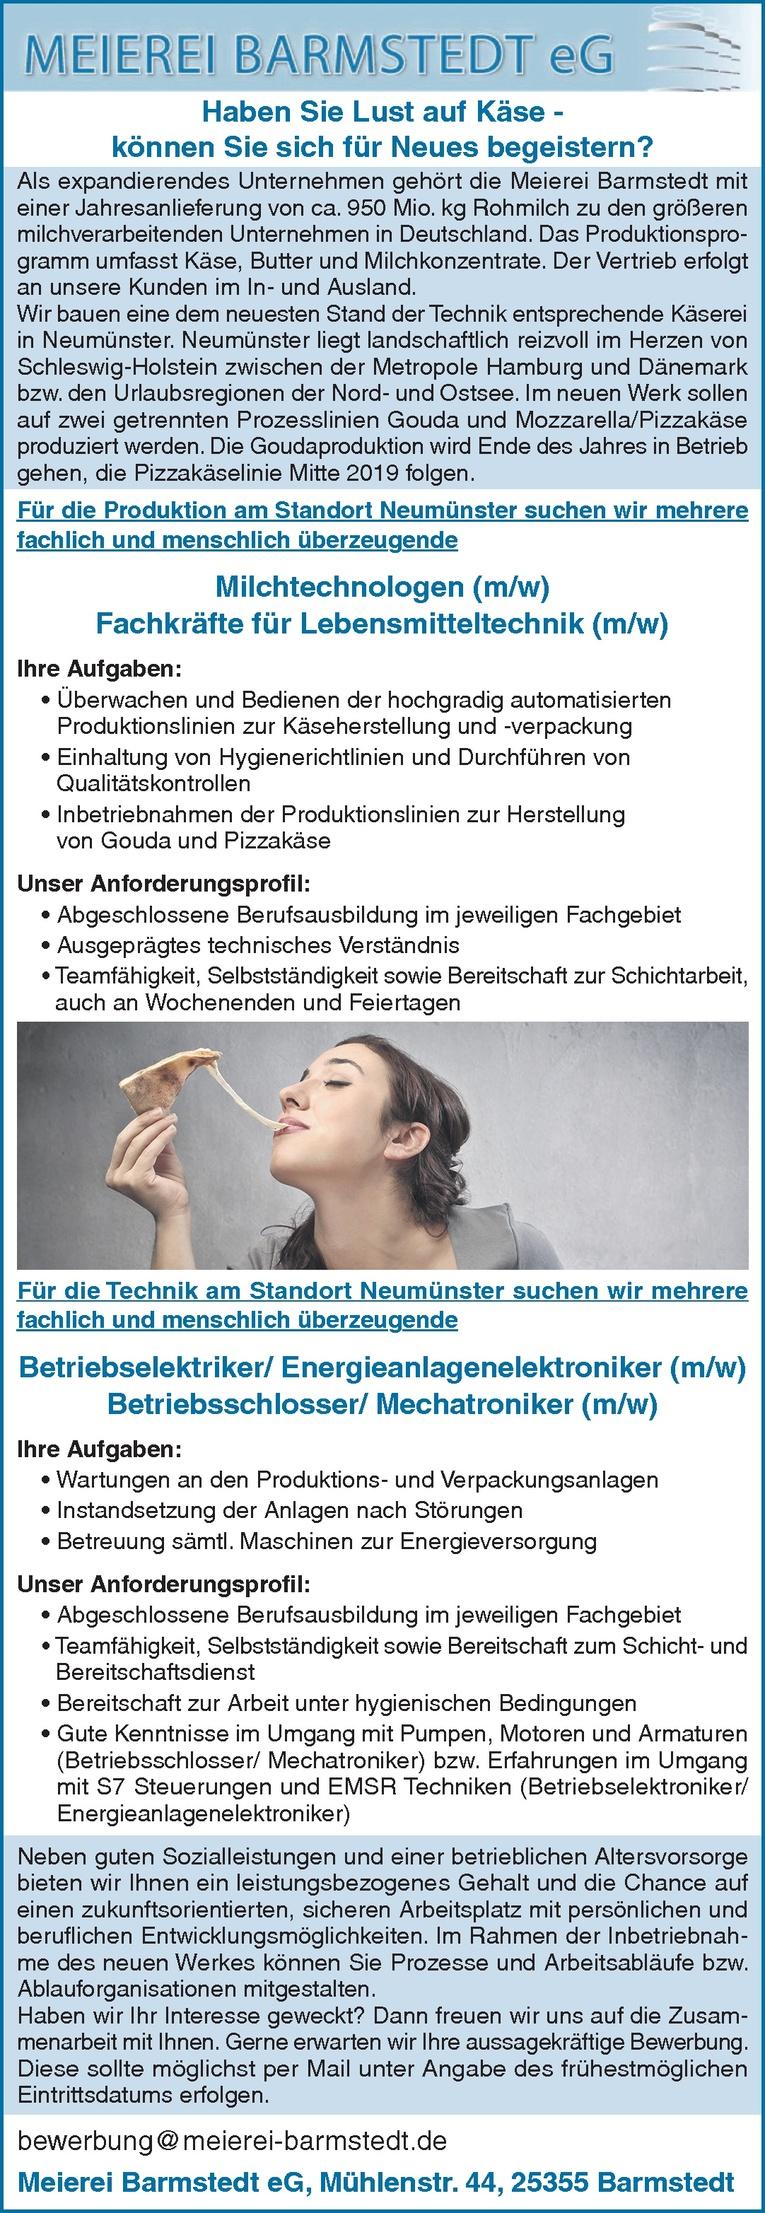 Milchtechnologen (m/w)